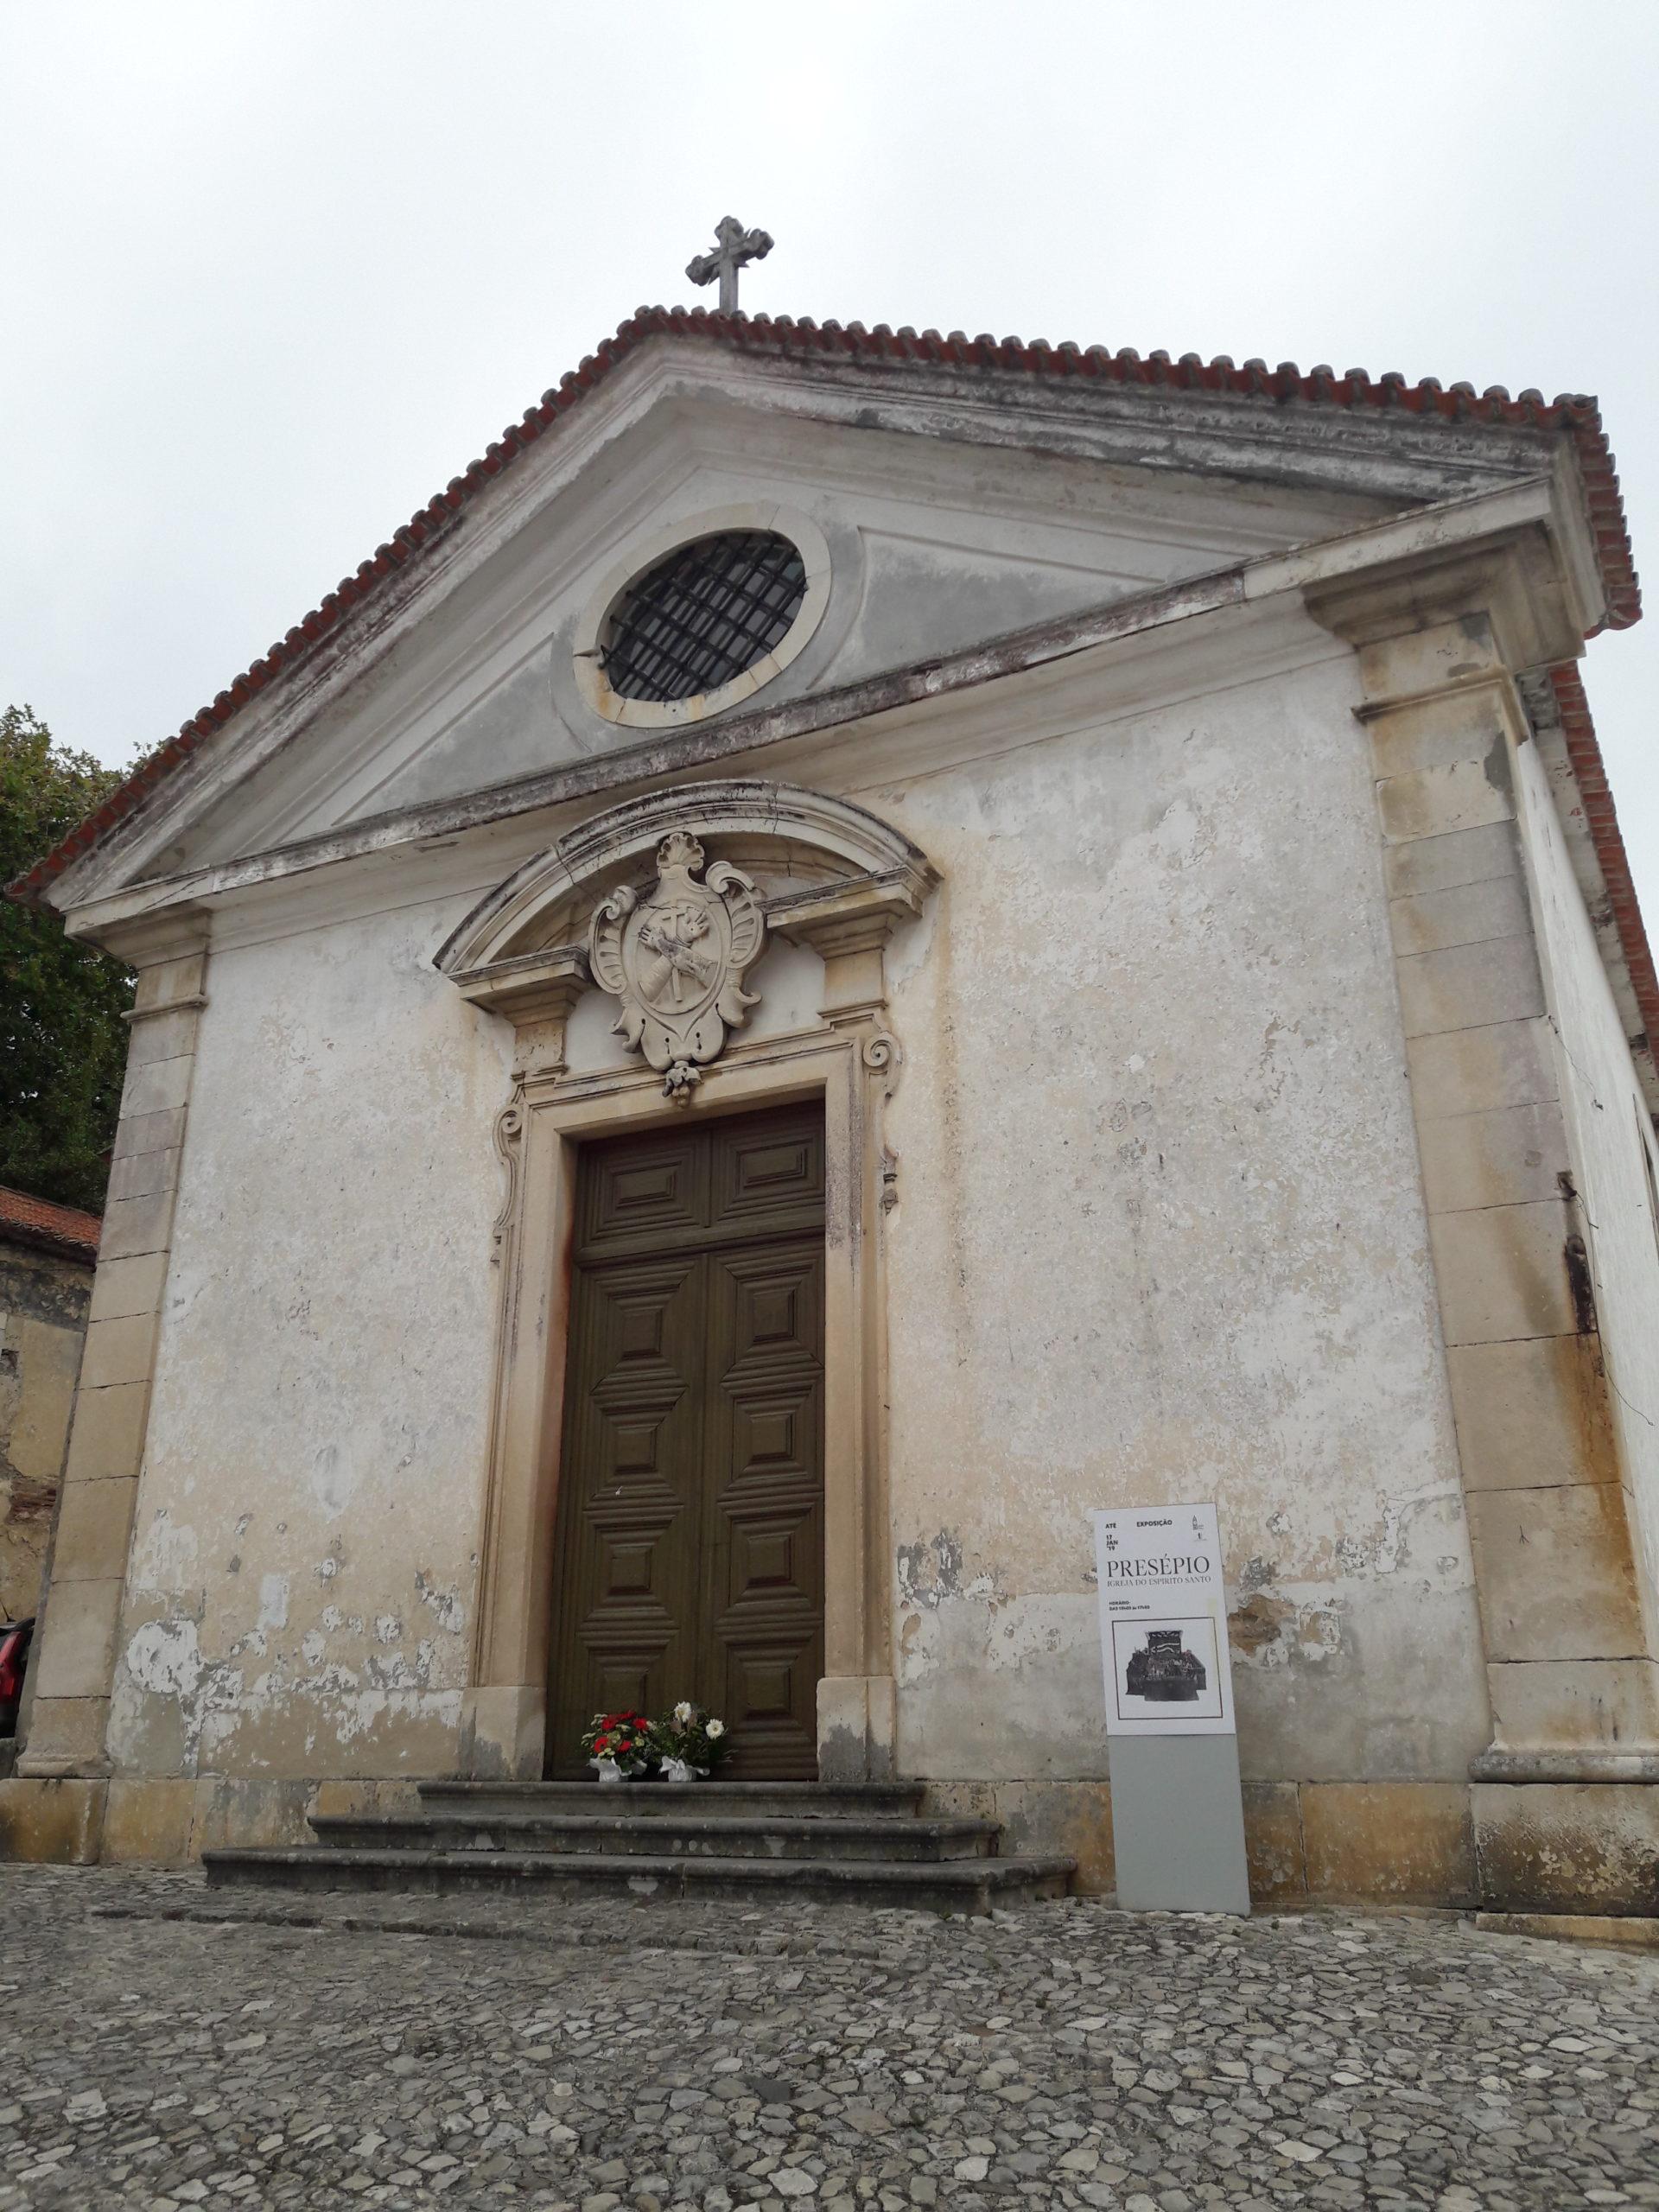 La Iglesia del Espíritu Santo